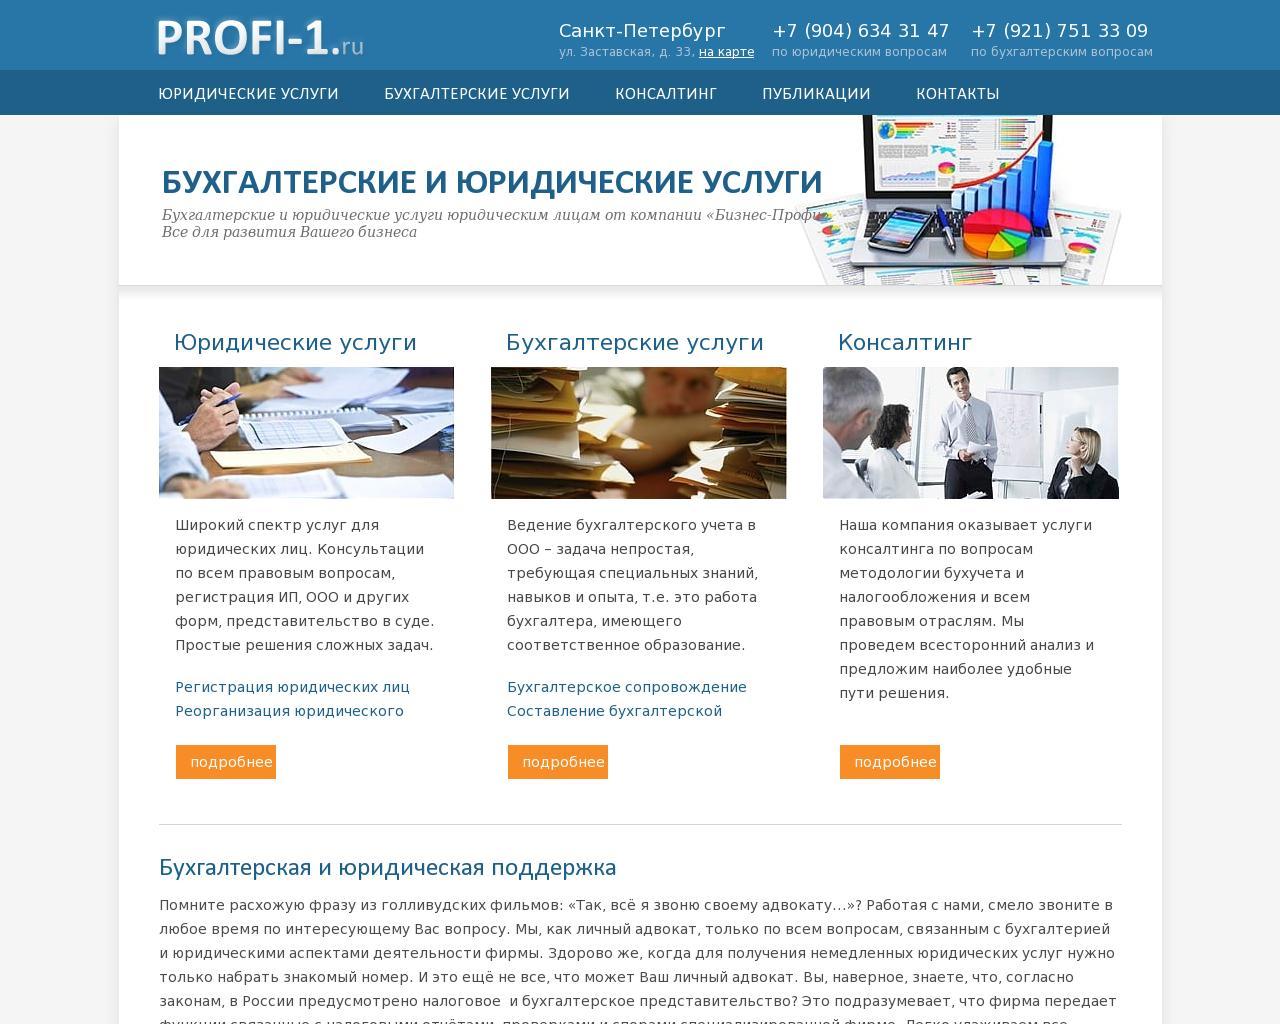 юридические и бухгалтерские услуги в спб